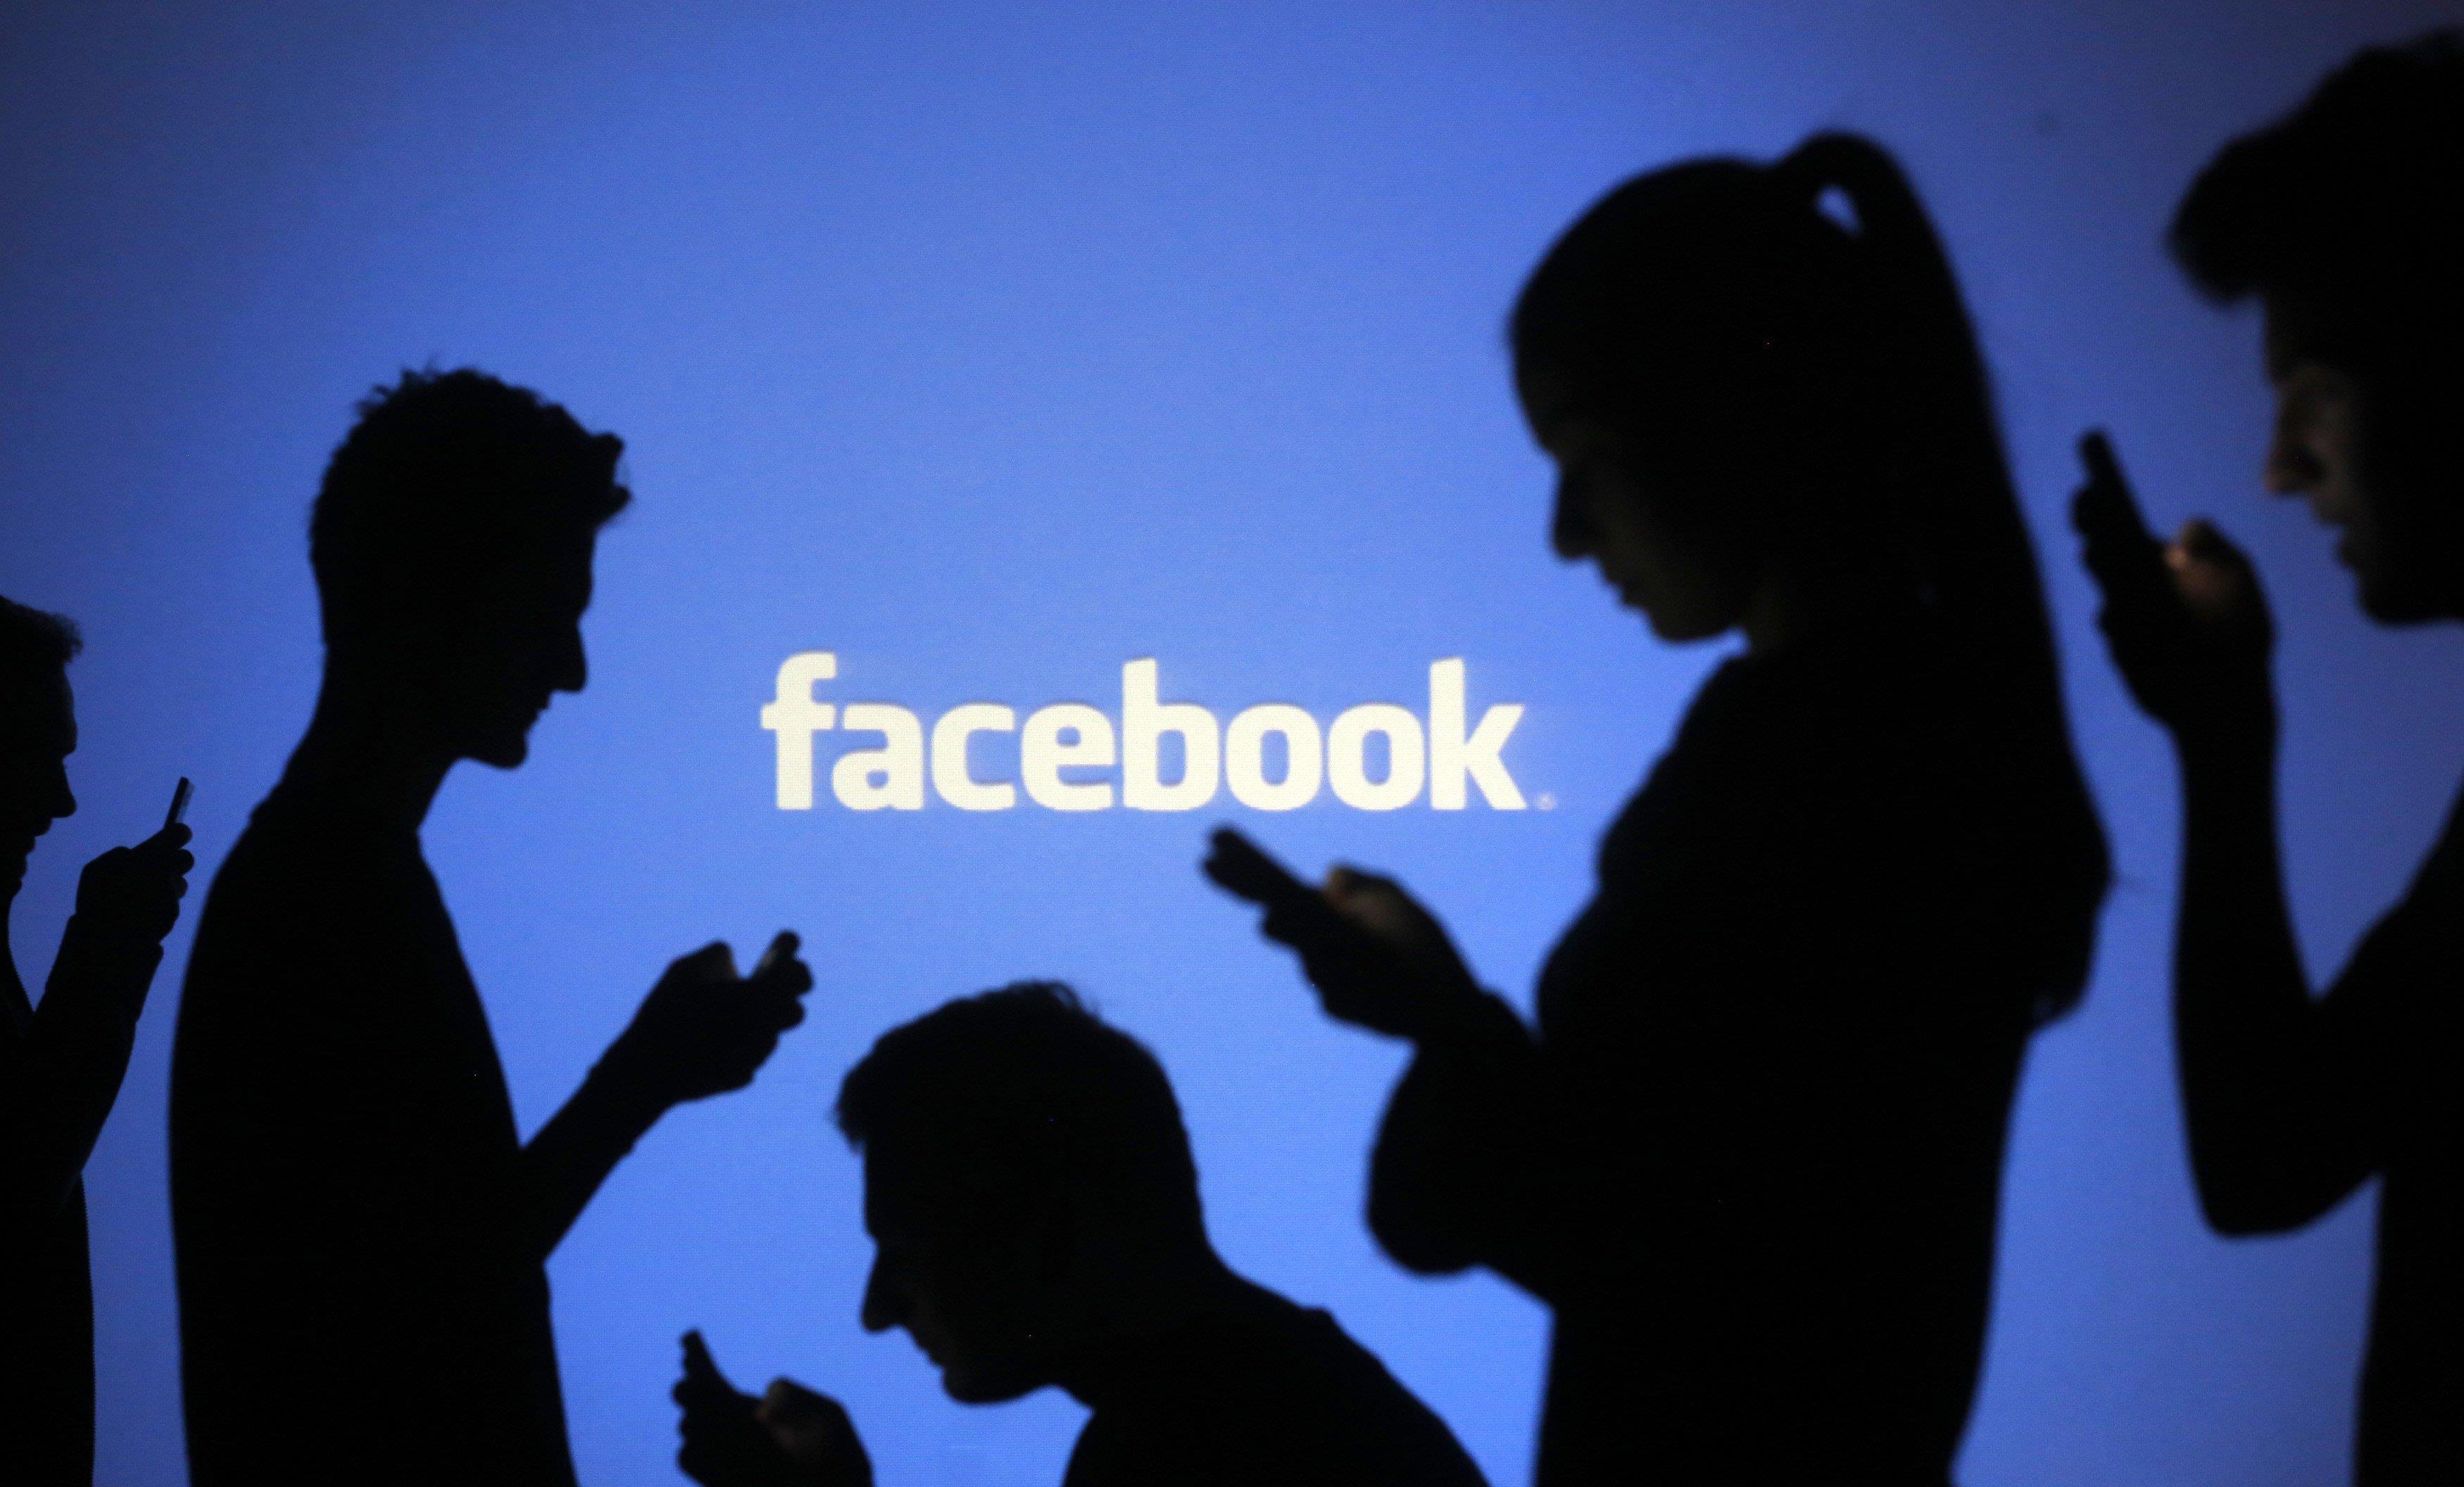 Hati-hati dengan status Facebook model begini, kamu harus cerdas!